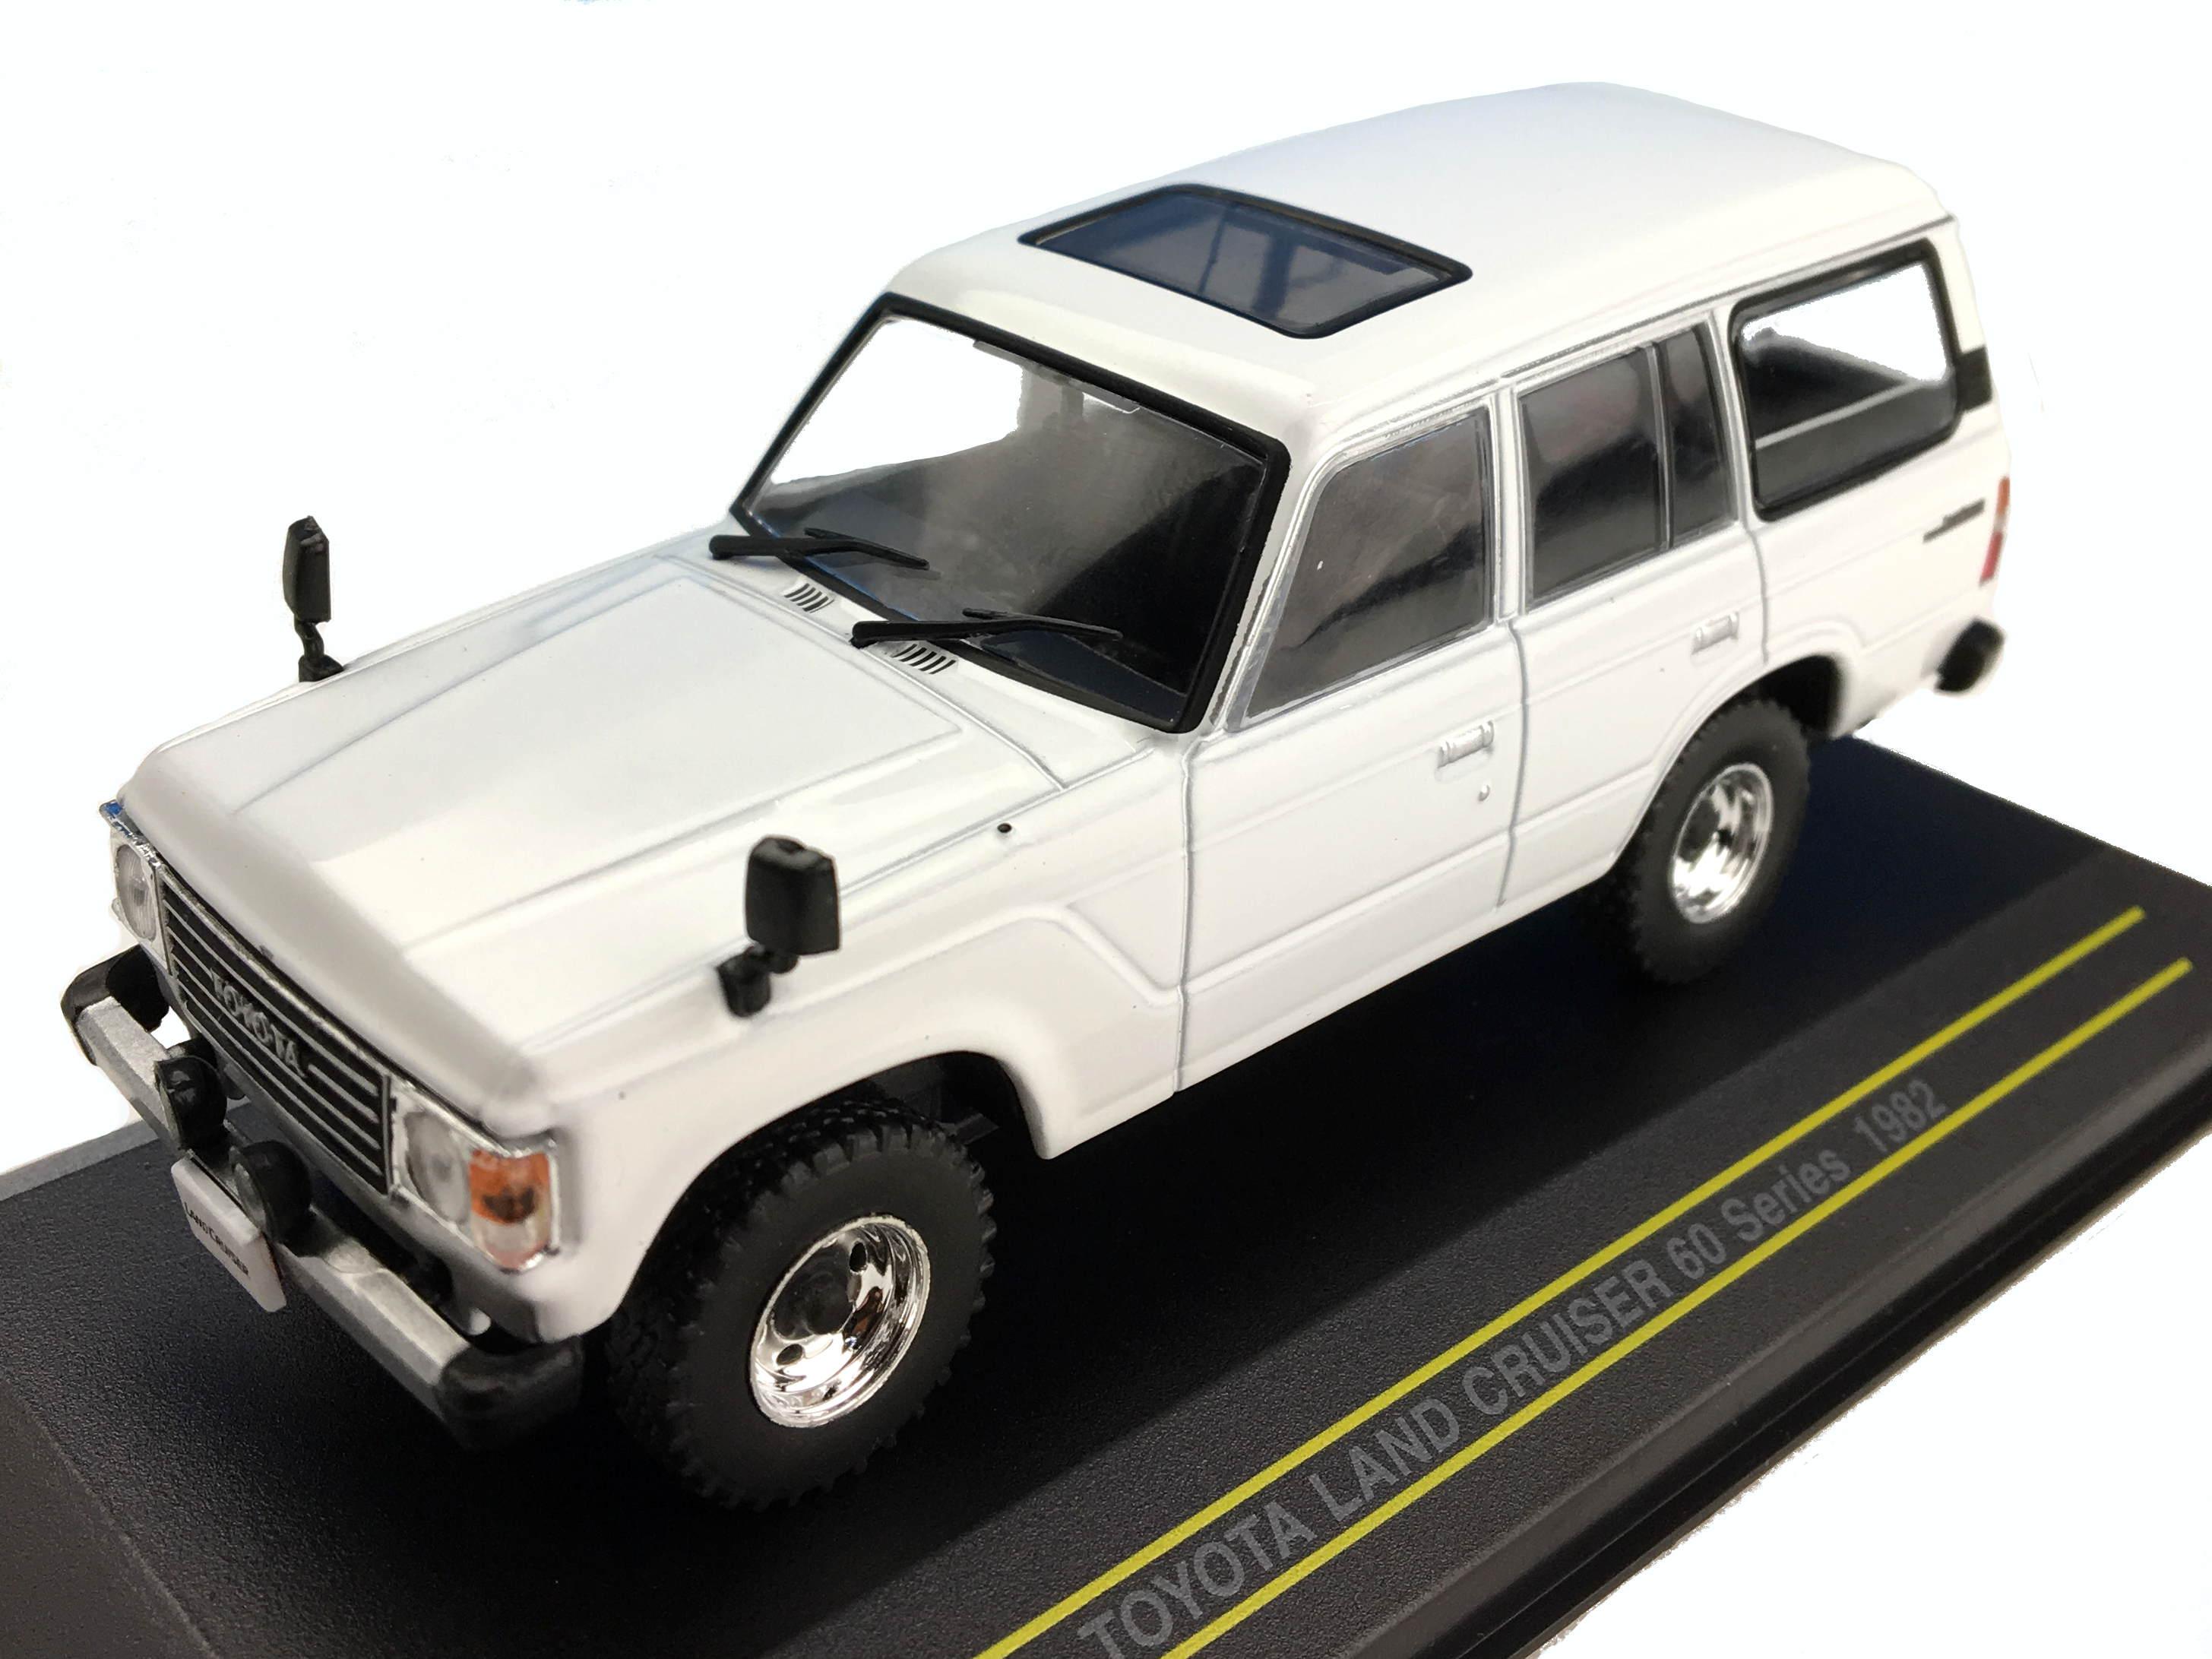 First43/ファースト43 トヨタ ランドクルーザー 60系 1982 ホワイト